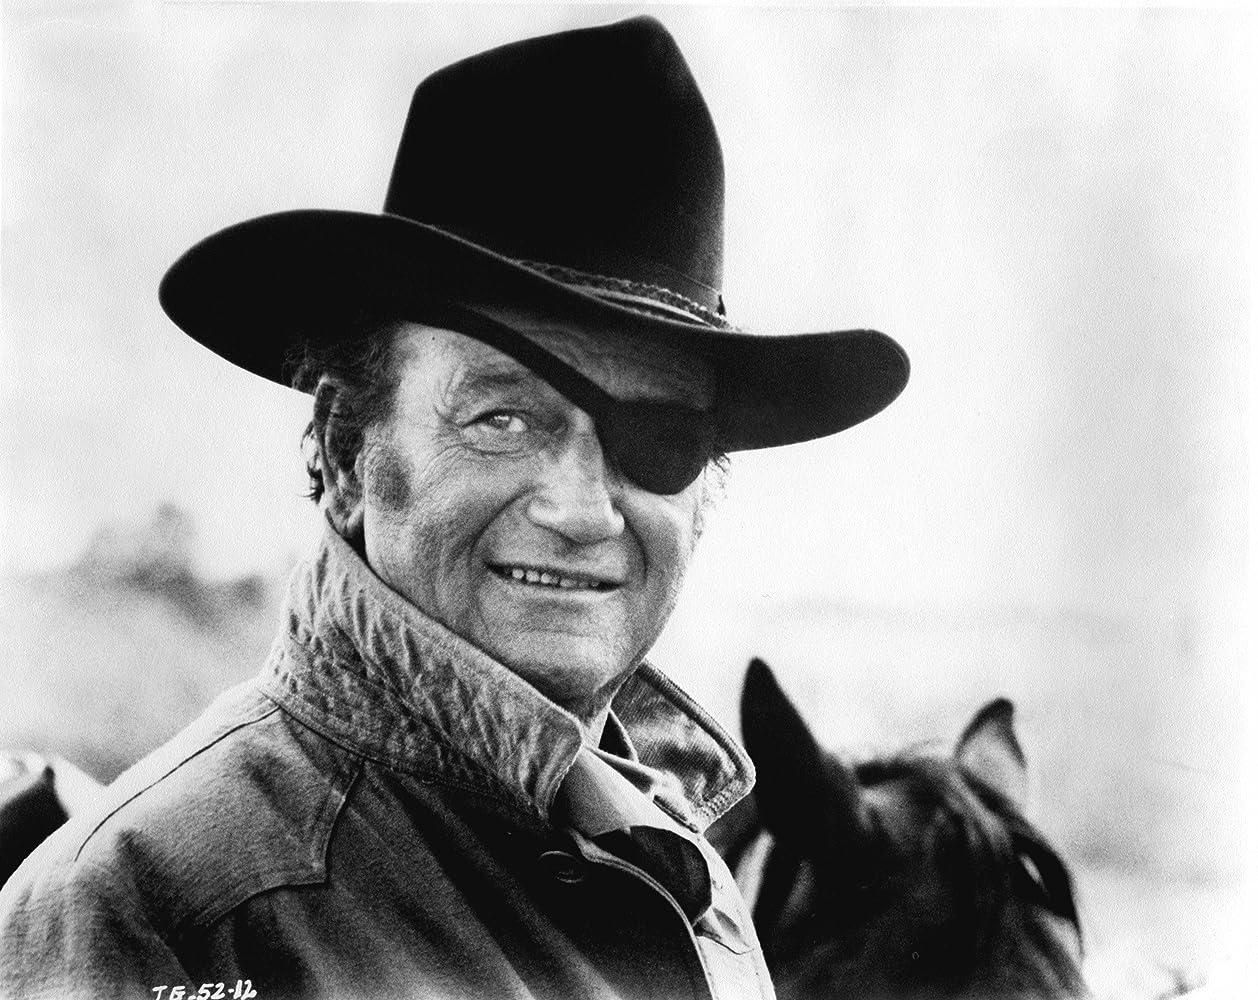 John-Wayne-True-Grit-1969